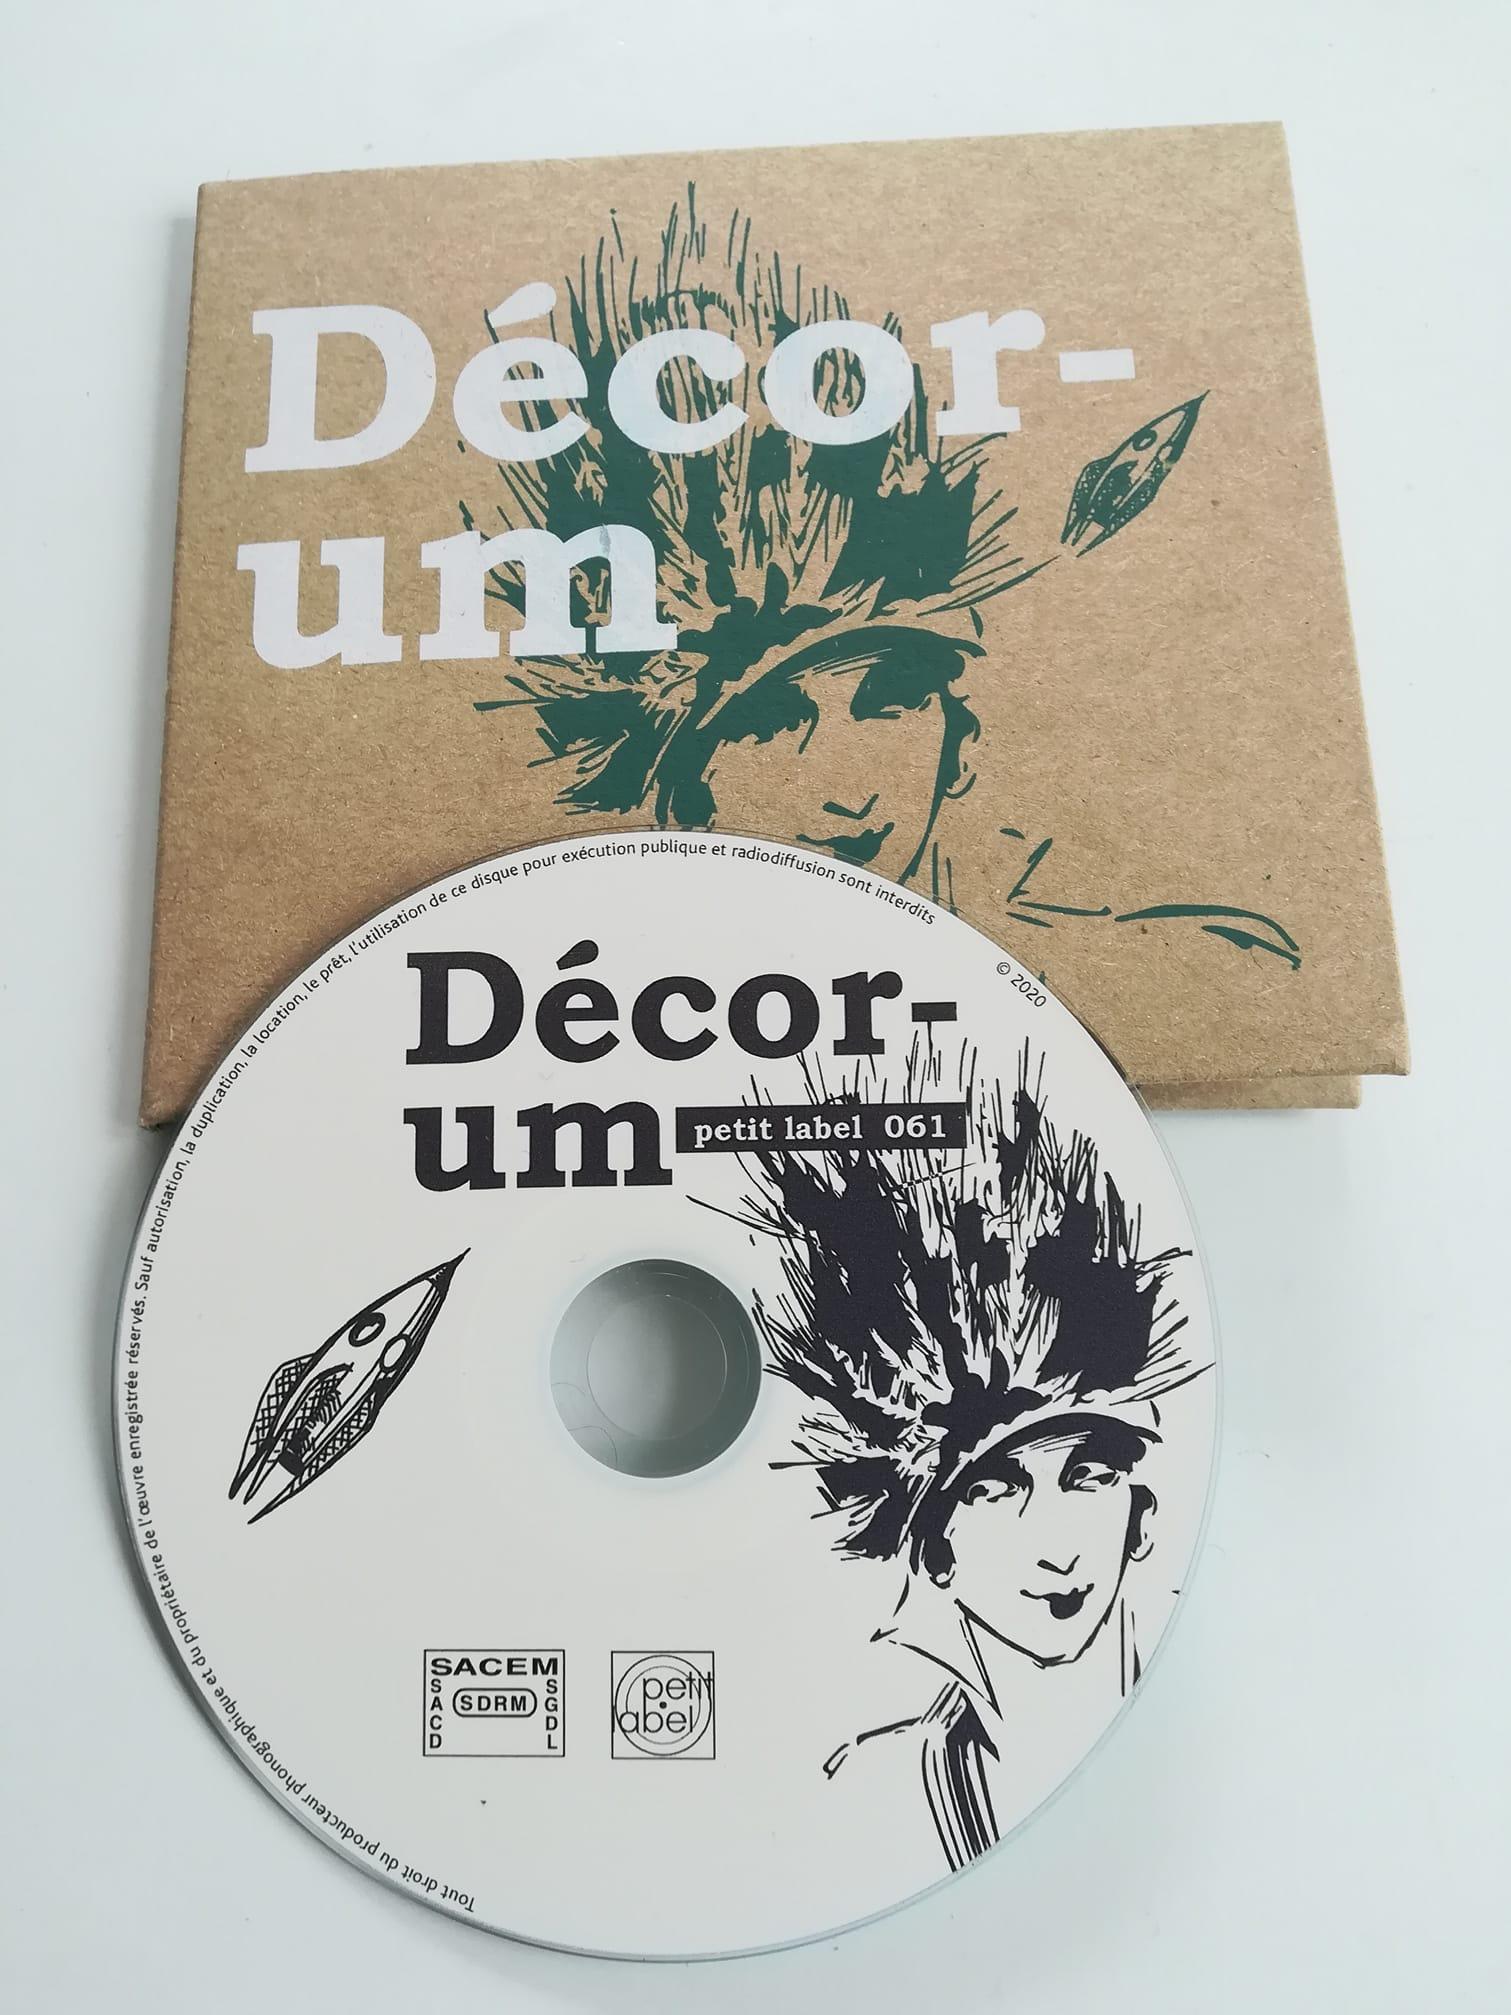 Créations et maquettes de pochettes CD : impression en sérigraphie